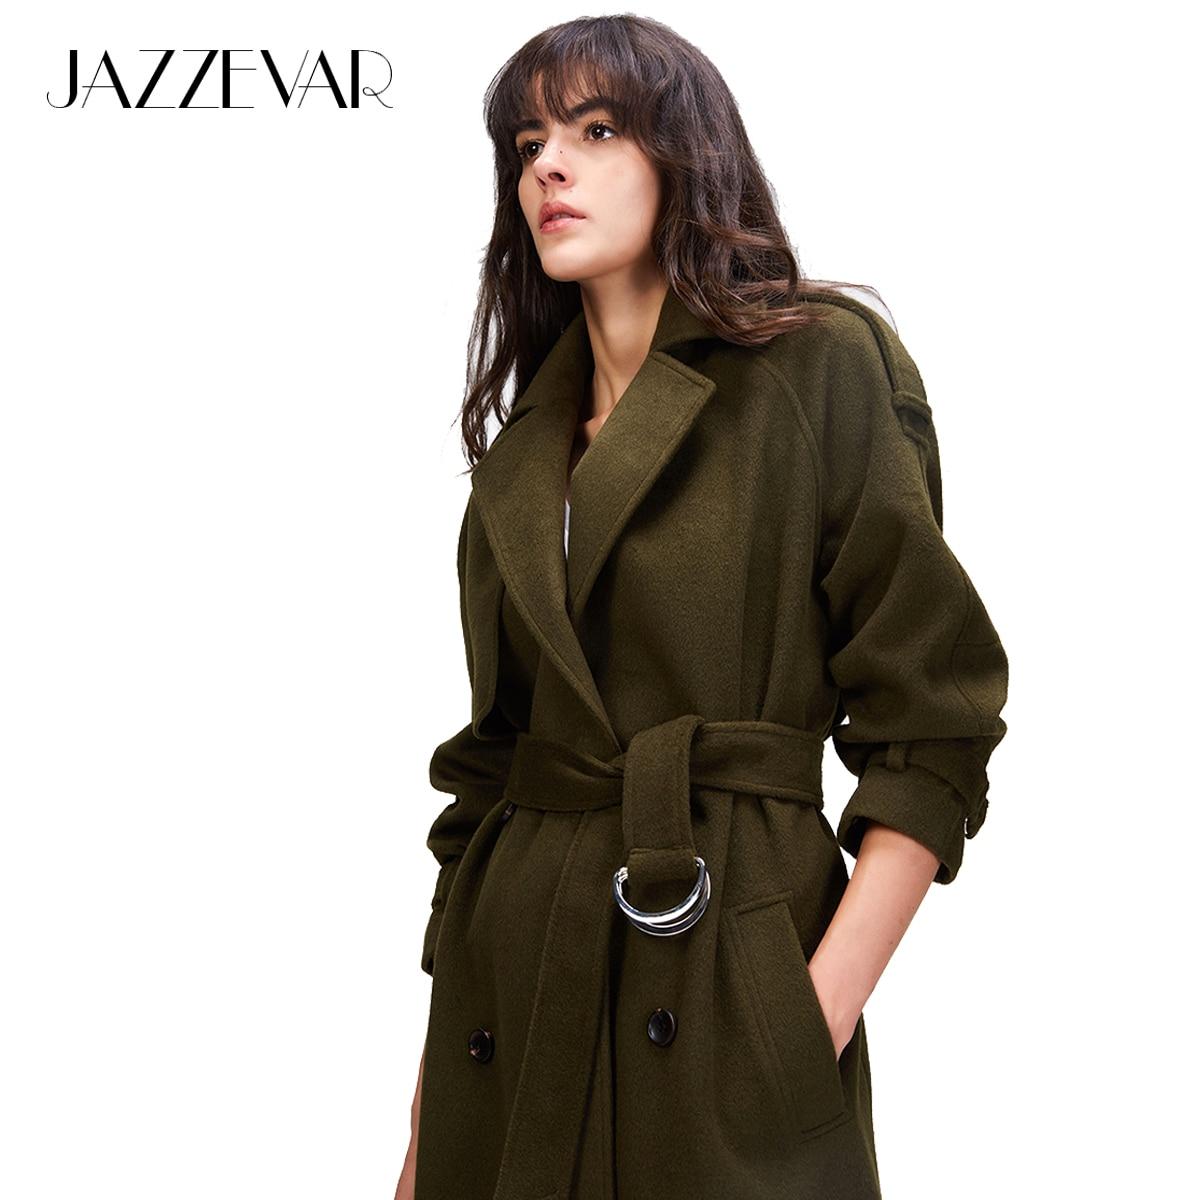 JAZZEVAR 2018 Осень/Зима Новый Для женщин Повседневное полушерстяные плащ oversize двубортный X-длинное пальто с поясом